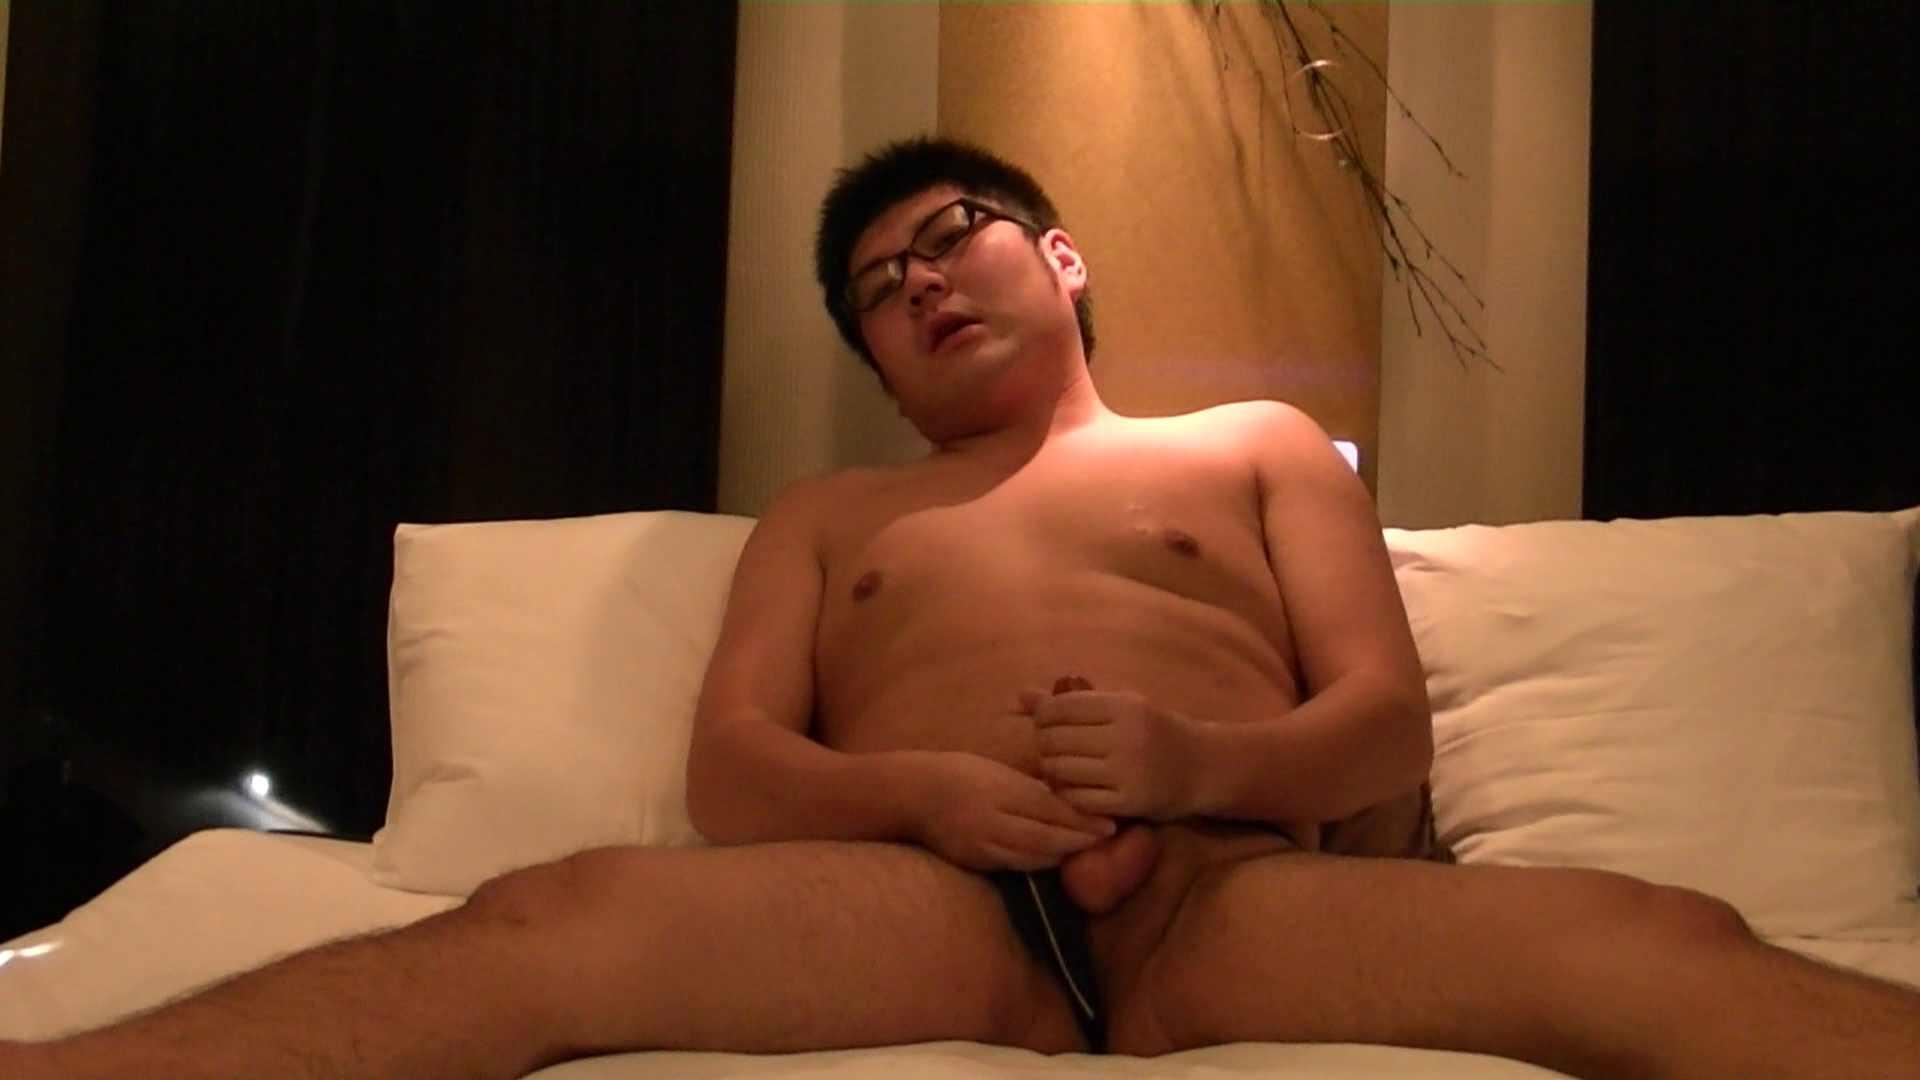 ゲイところてん|Mr.オナックスさん投稿!HD 貴方のオナニー三万円で撮影させてください。VOL.02 前編|オナニー